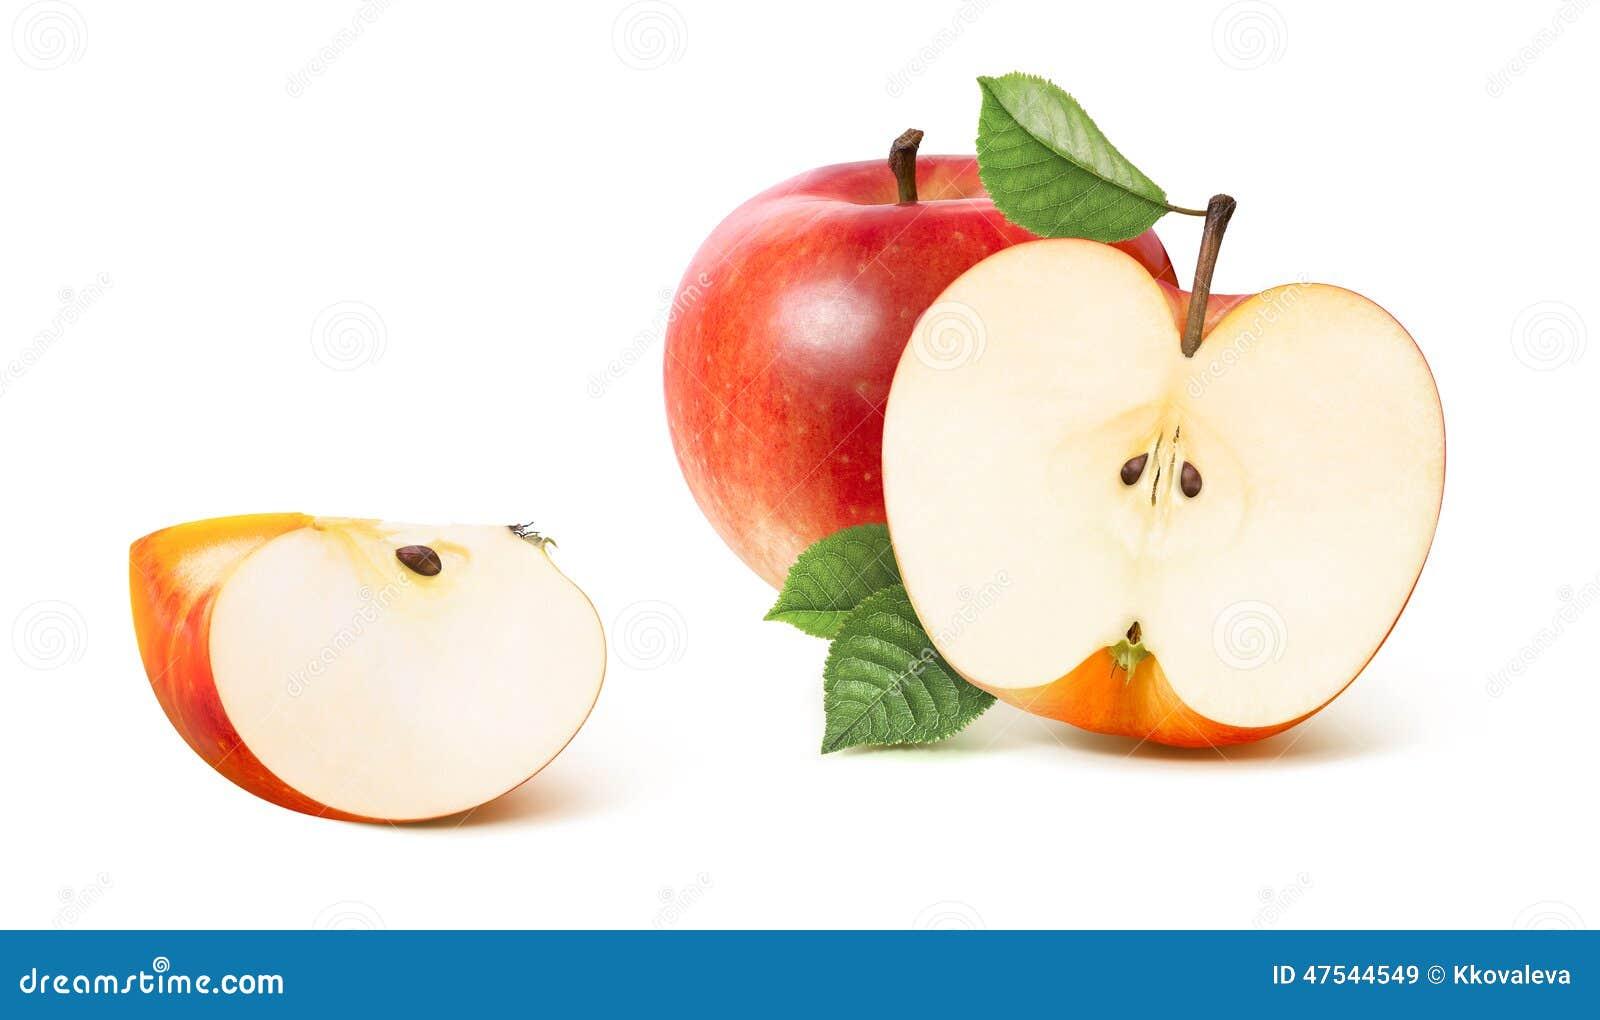 Metade vermelha da maçã e quarto distante isolados no branco